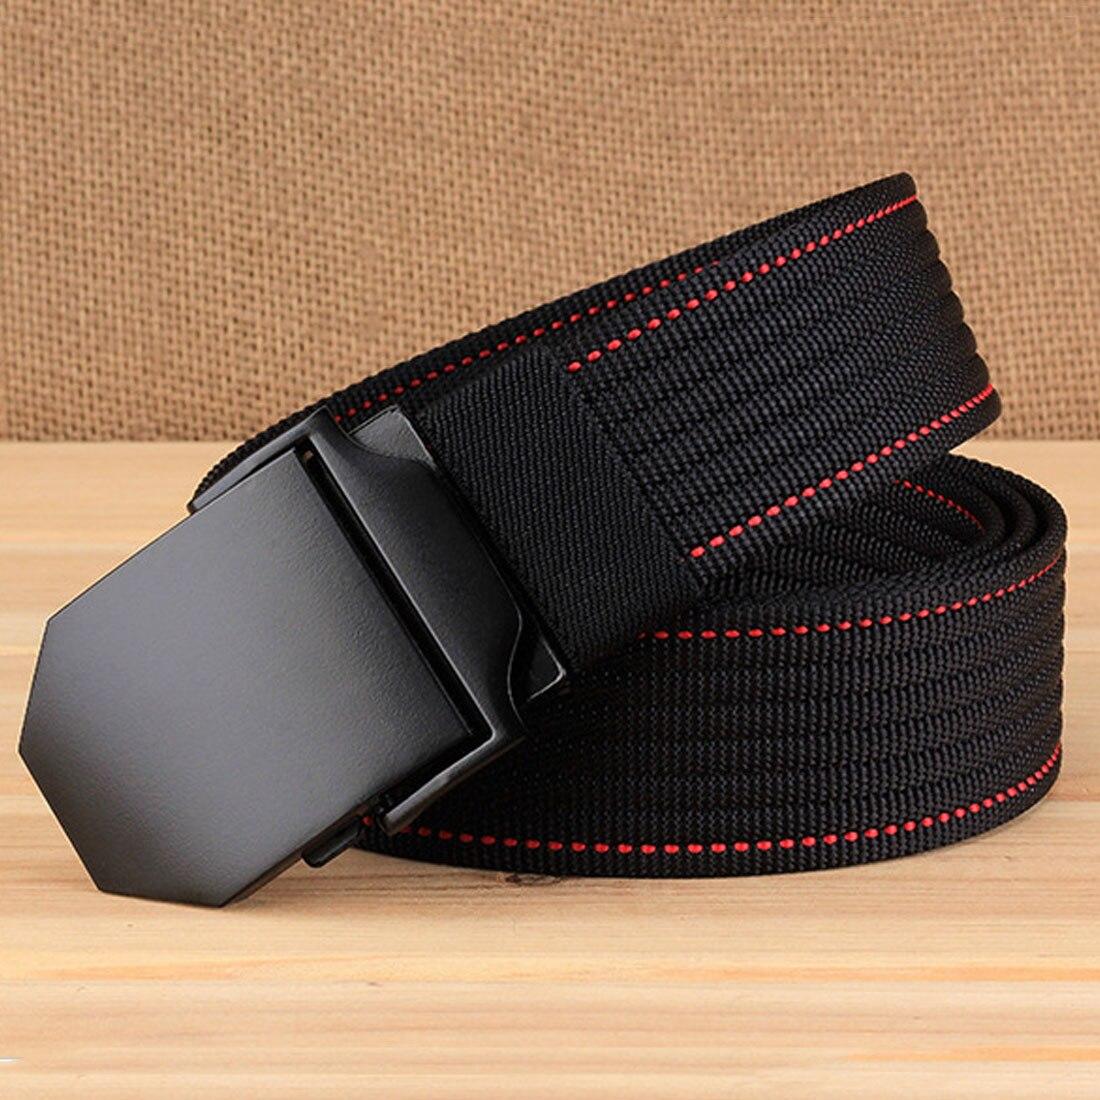 Alliage extérieur automatique boucle hommes ceinture unisexe tactique 3.8 cm large ceinture décontractée en toile pour les ceintures d'entraînement militaire Durable